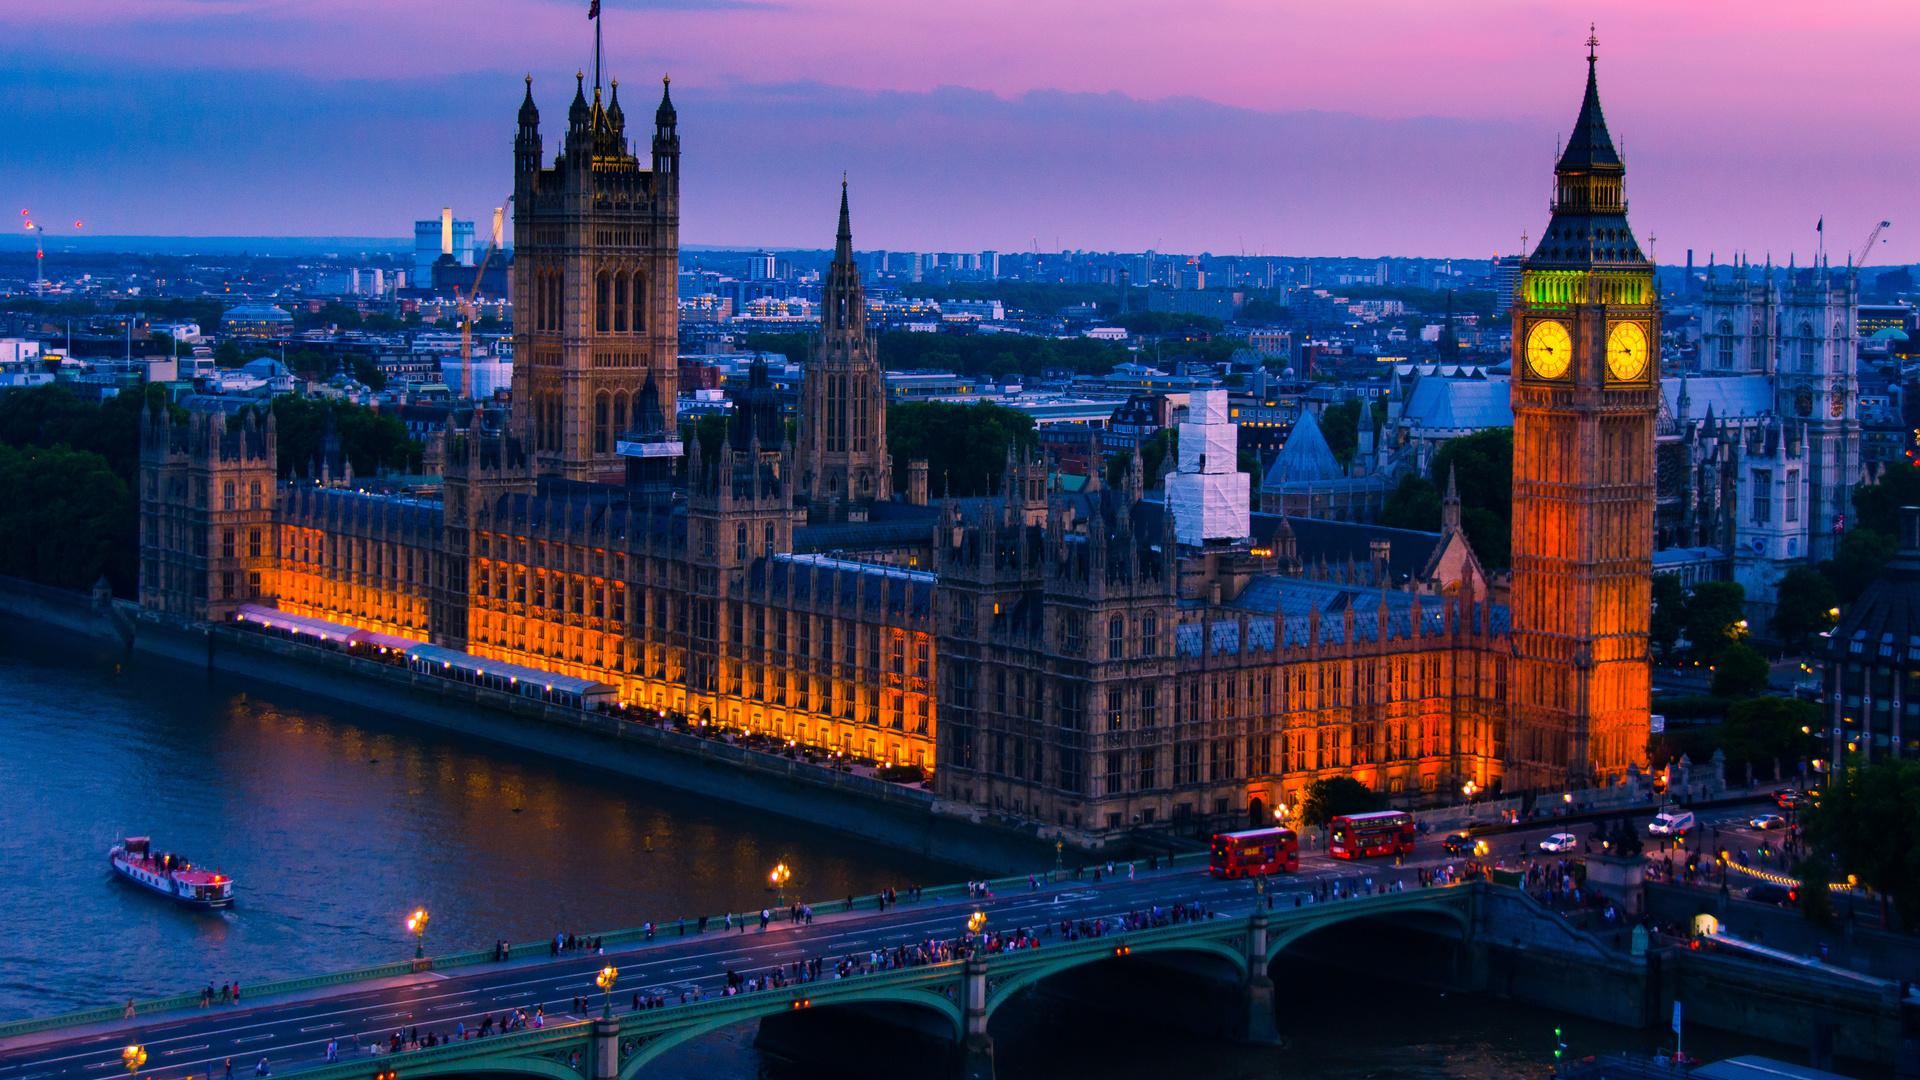 Фото лондона высокого разрешения, связала парня и трахнула фото